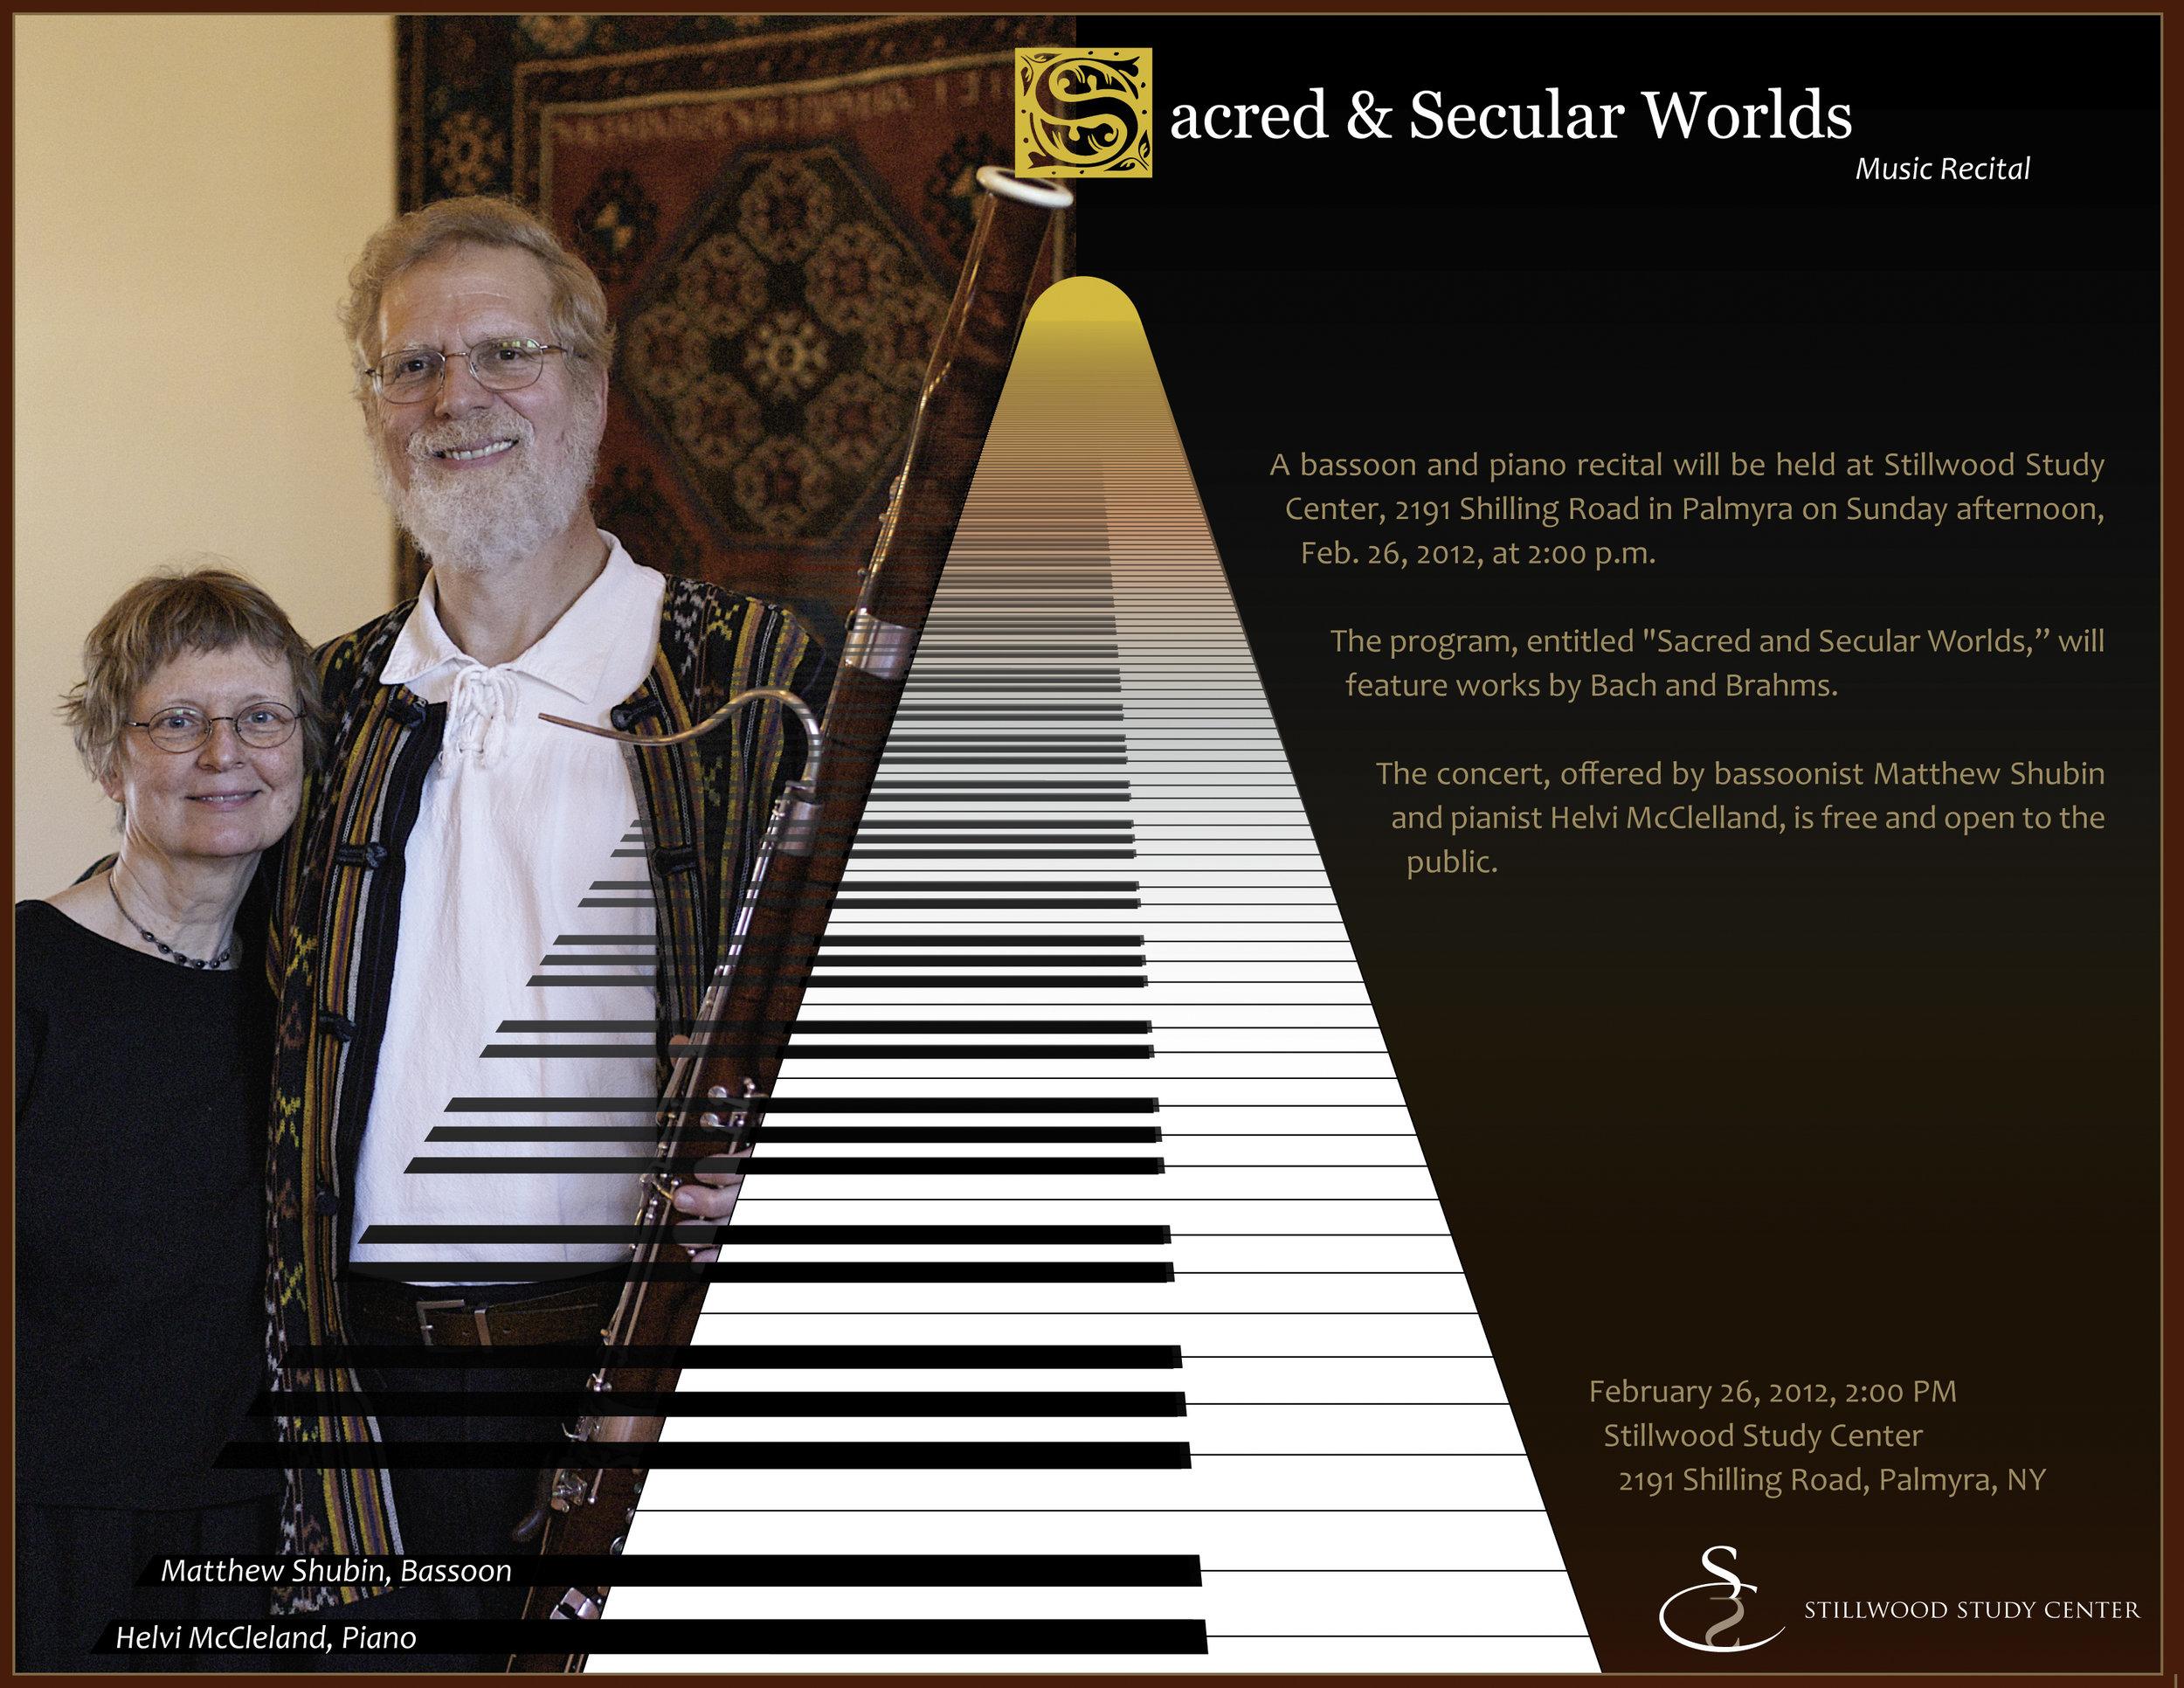 SSC Concert Flyer 2012.jpg